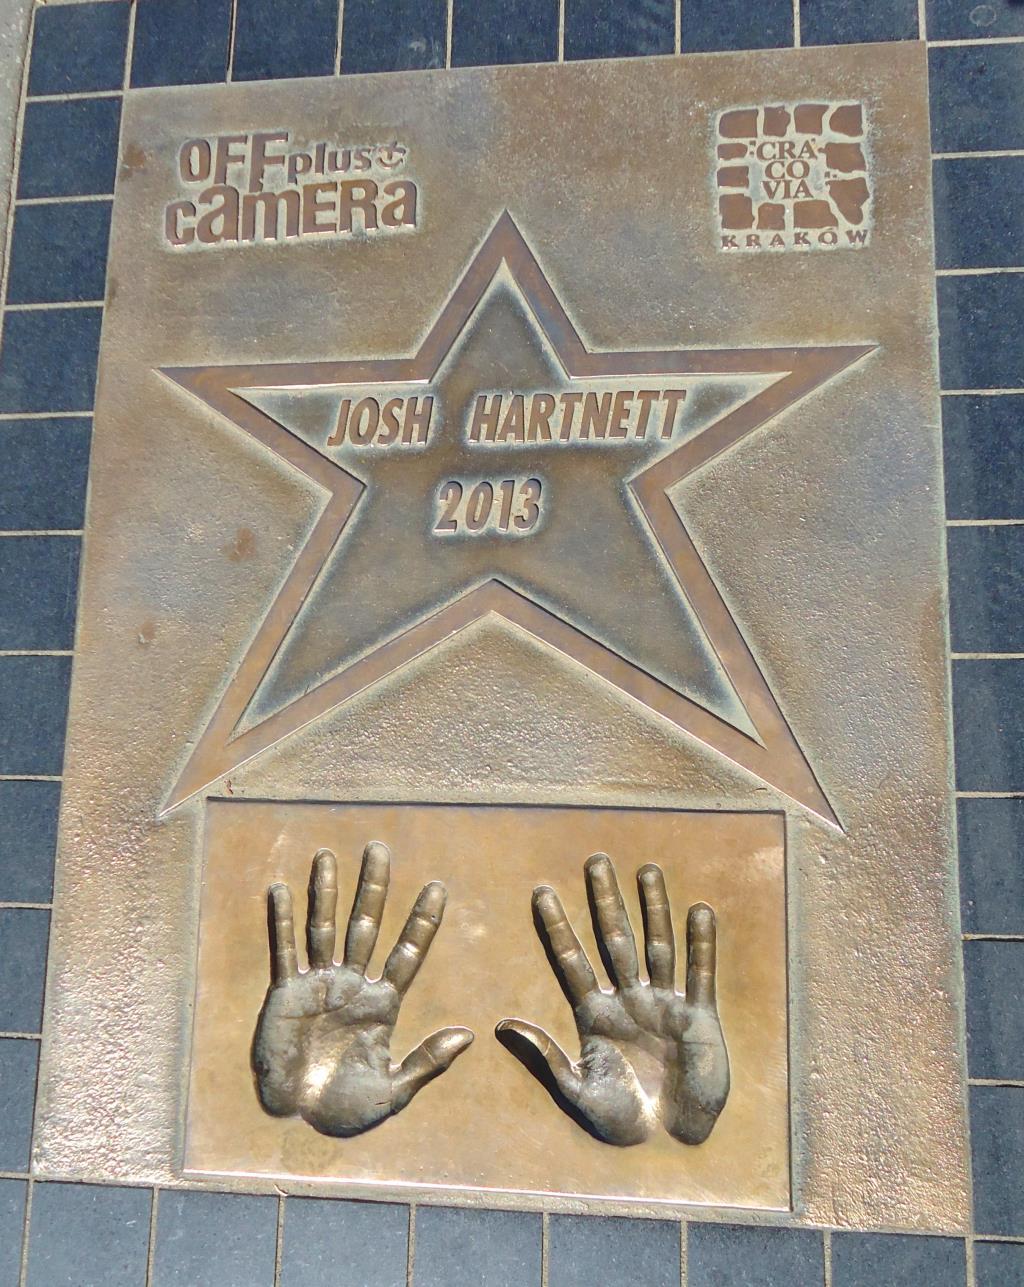 'След' моего любимого актера Джоша Хартнета. Блиц: чей след?